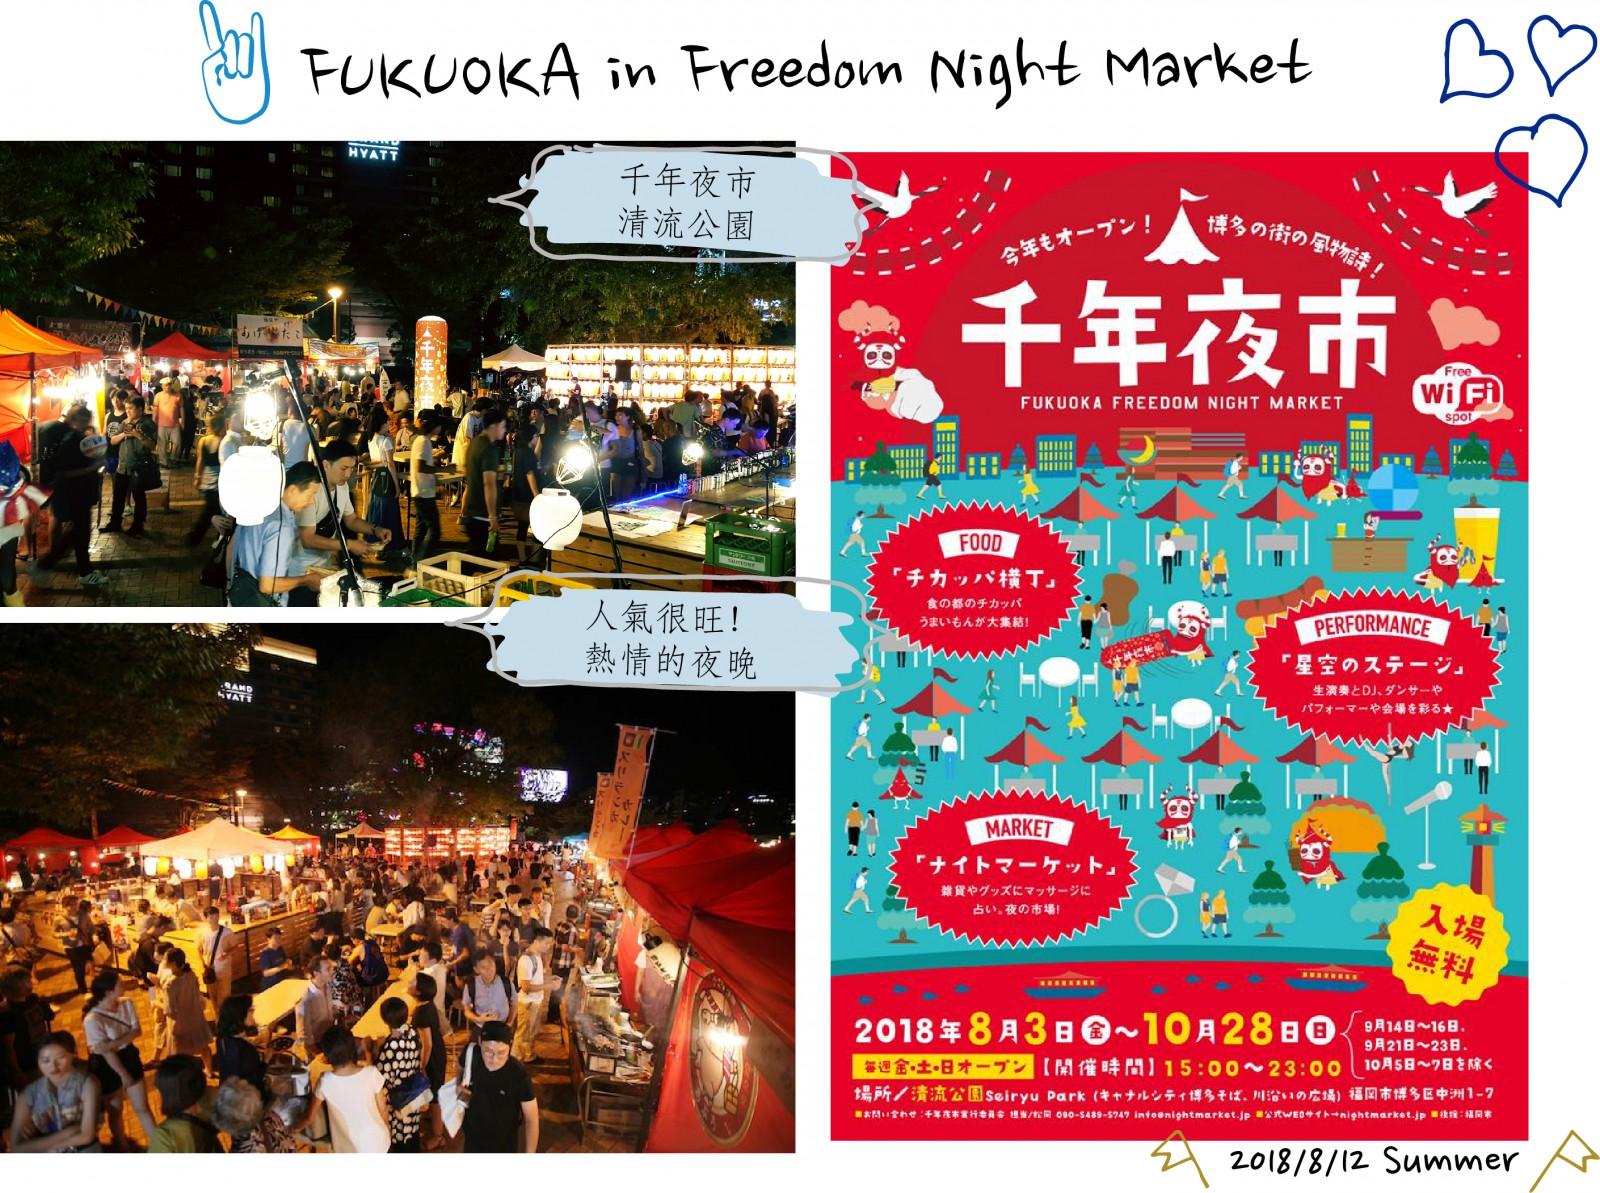 福岡限定夏夜市集,運河城畔與日本人一起來感受「千年夜市」的熱情吧!